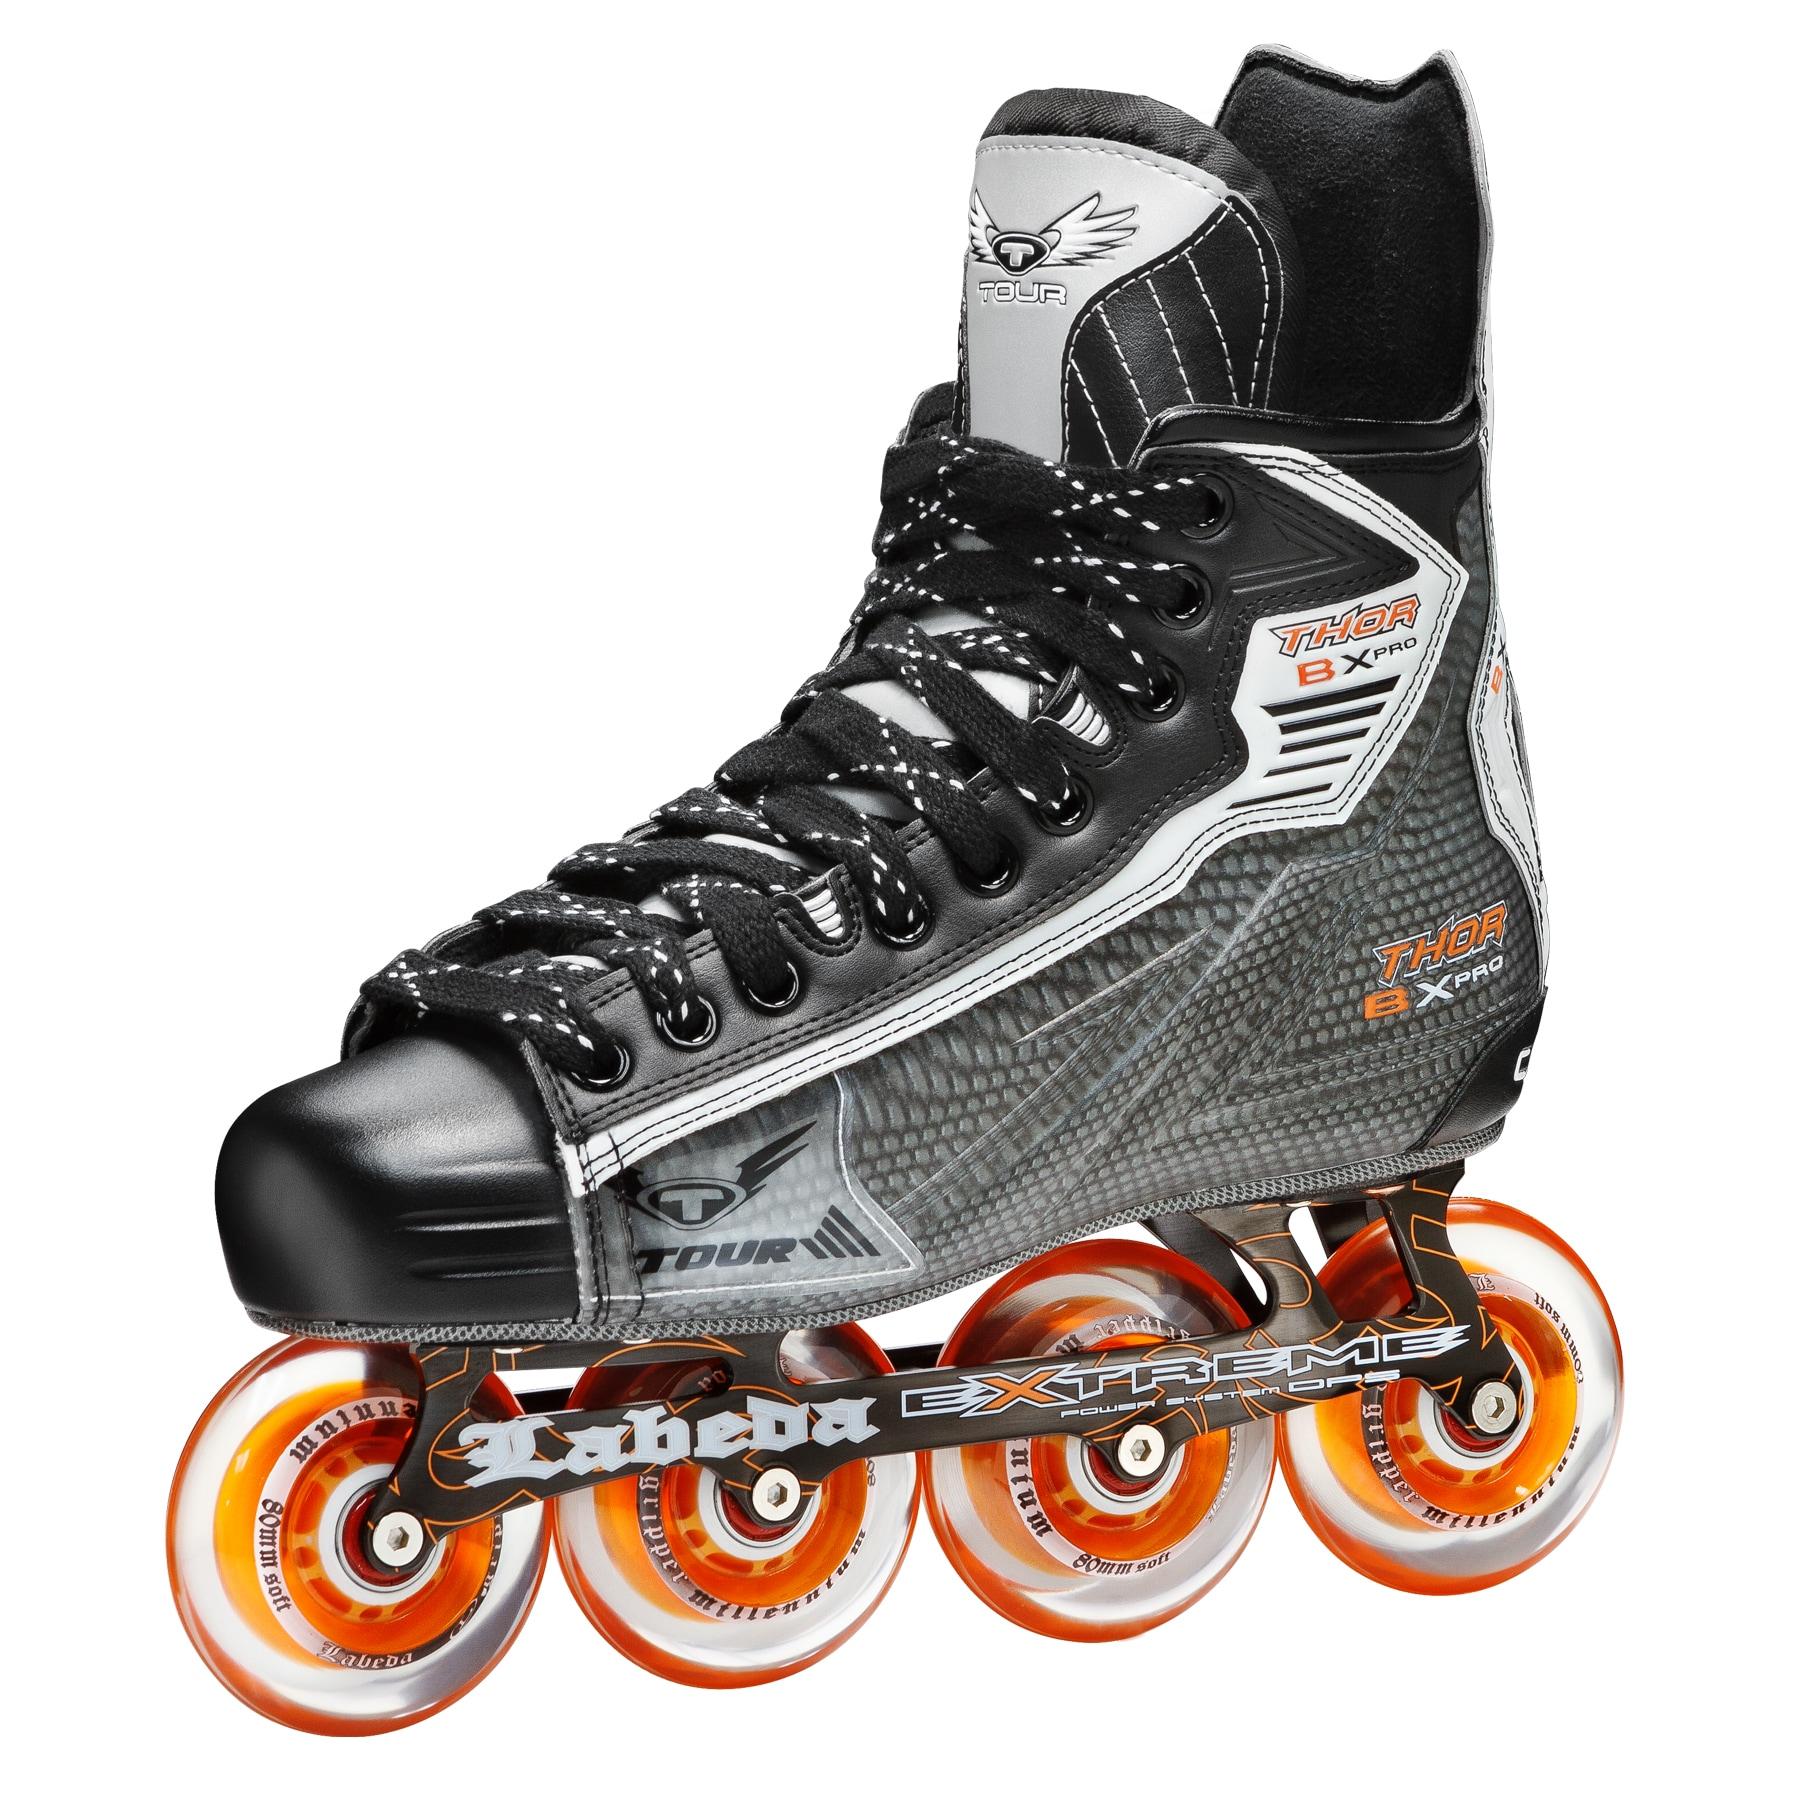 Tour Hockey Thor Bx Pro Inline Hockey Skates Black Gray